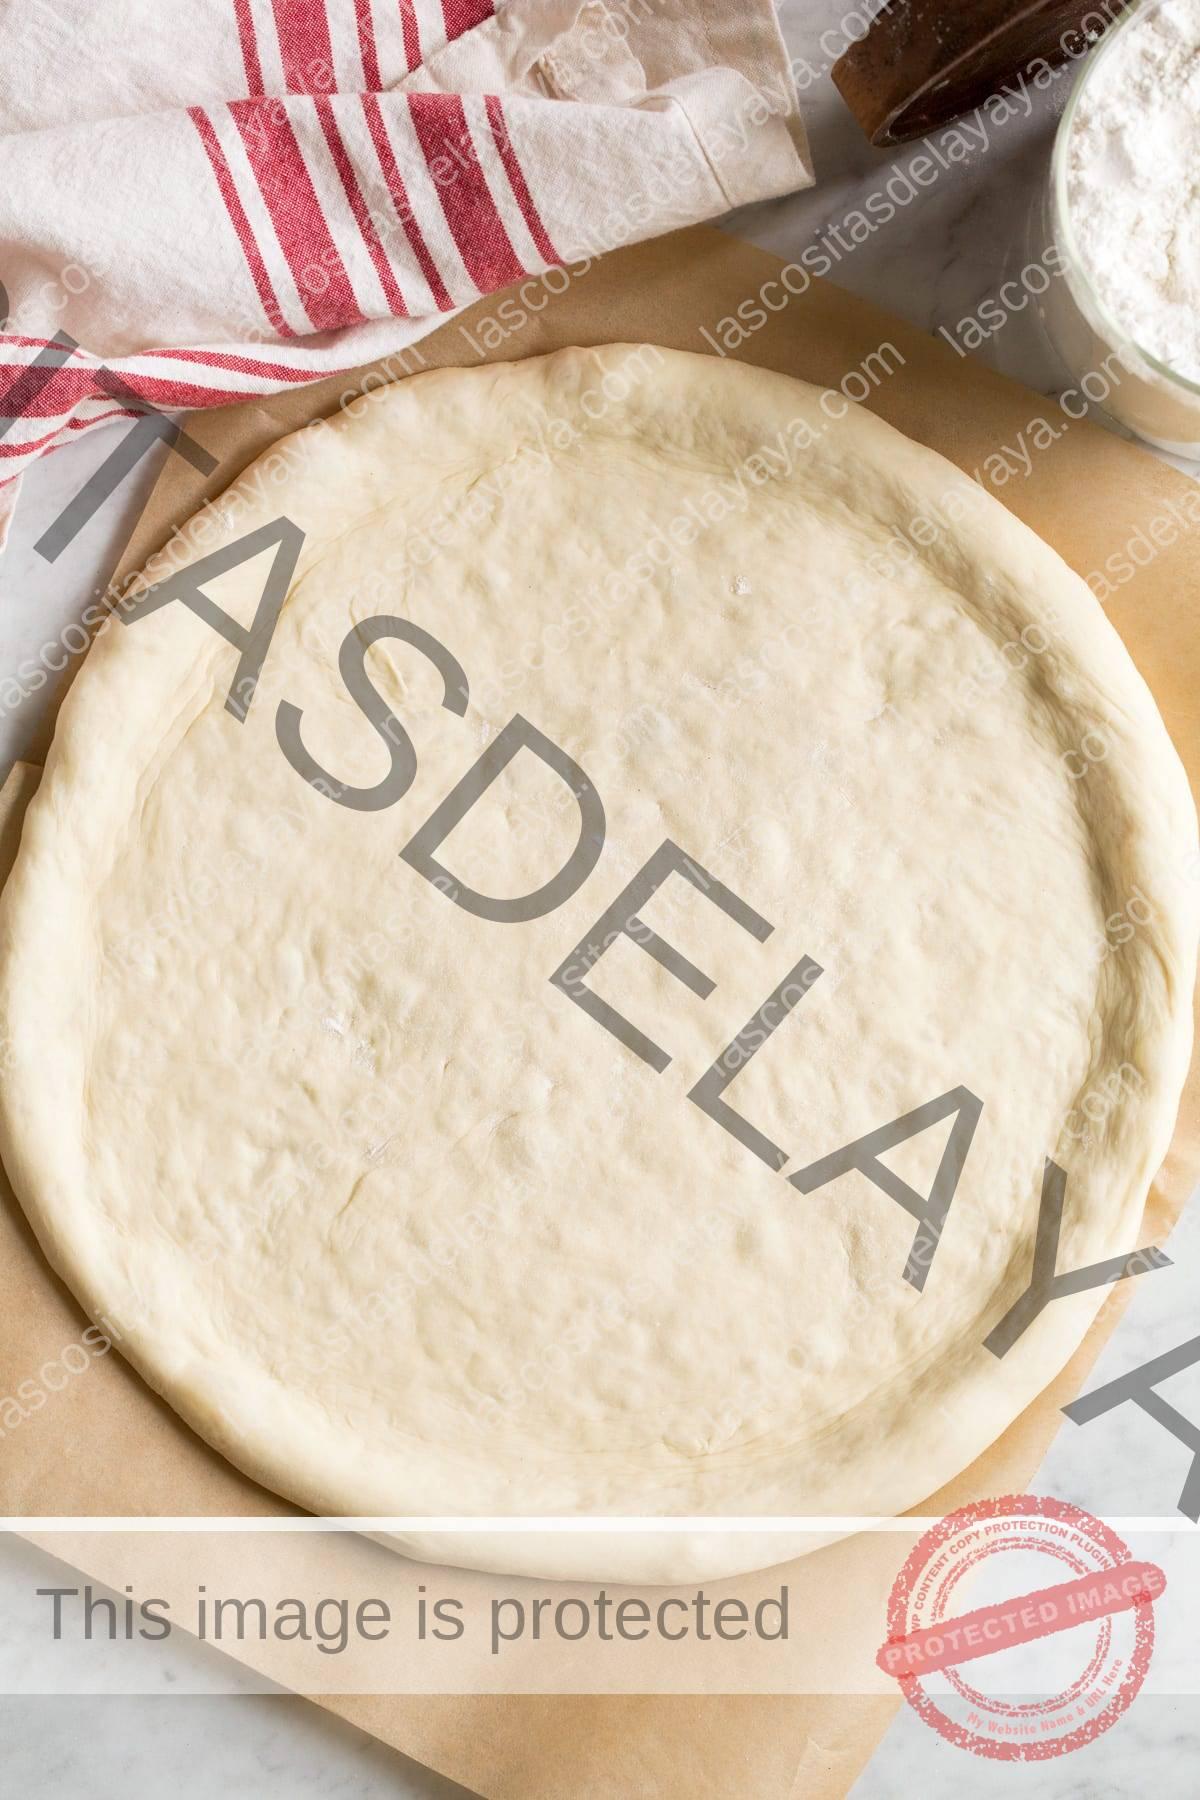 Imagem aérea da crosta em forma de pizza sem coberturas.